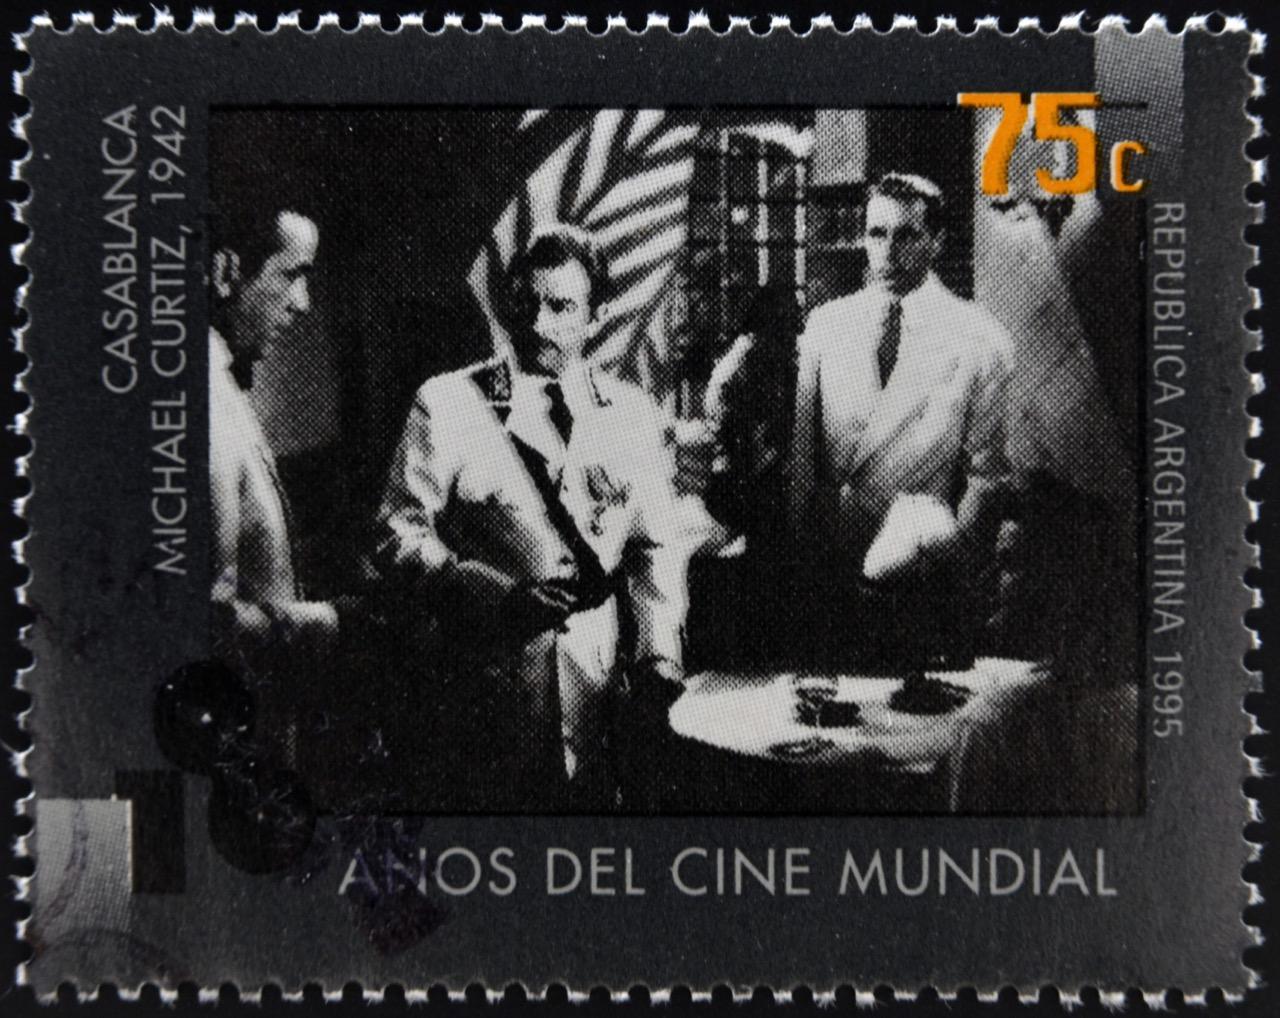 """""""Casablanca"""" jest jednym znajważniejszych filmów whistorii kinematografii; tu został upamiętniony naargentyńskim znaczku pocztowym."""